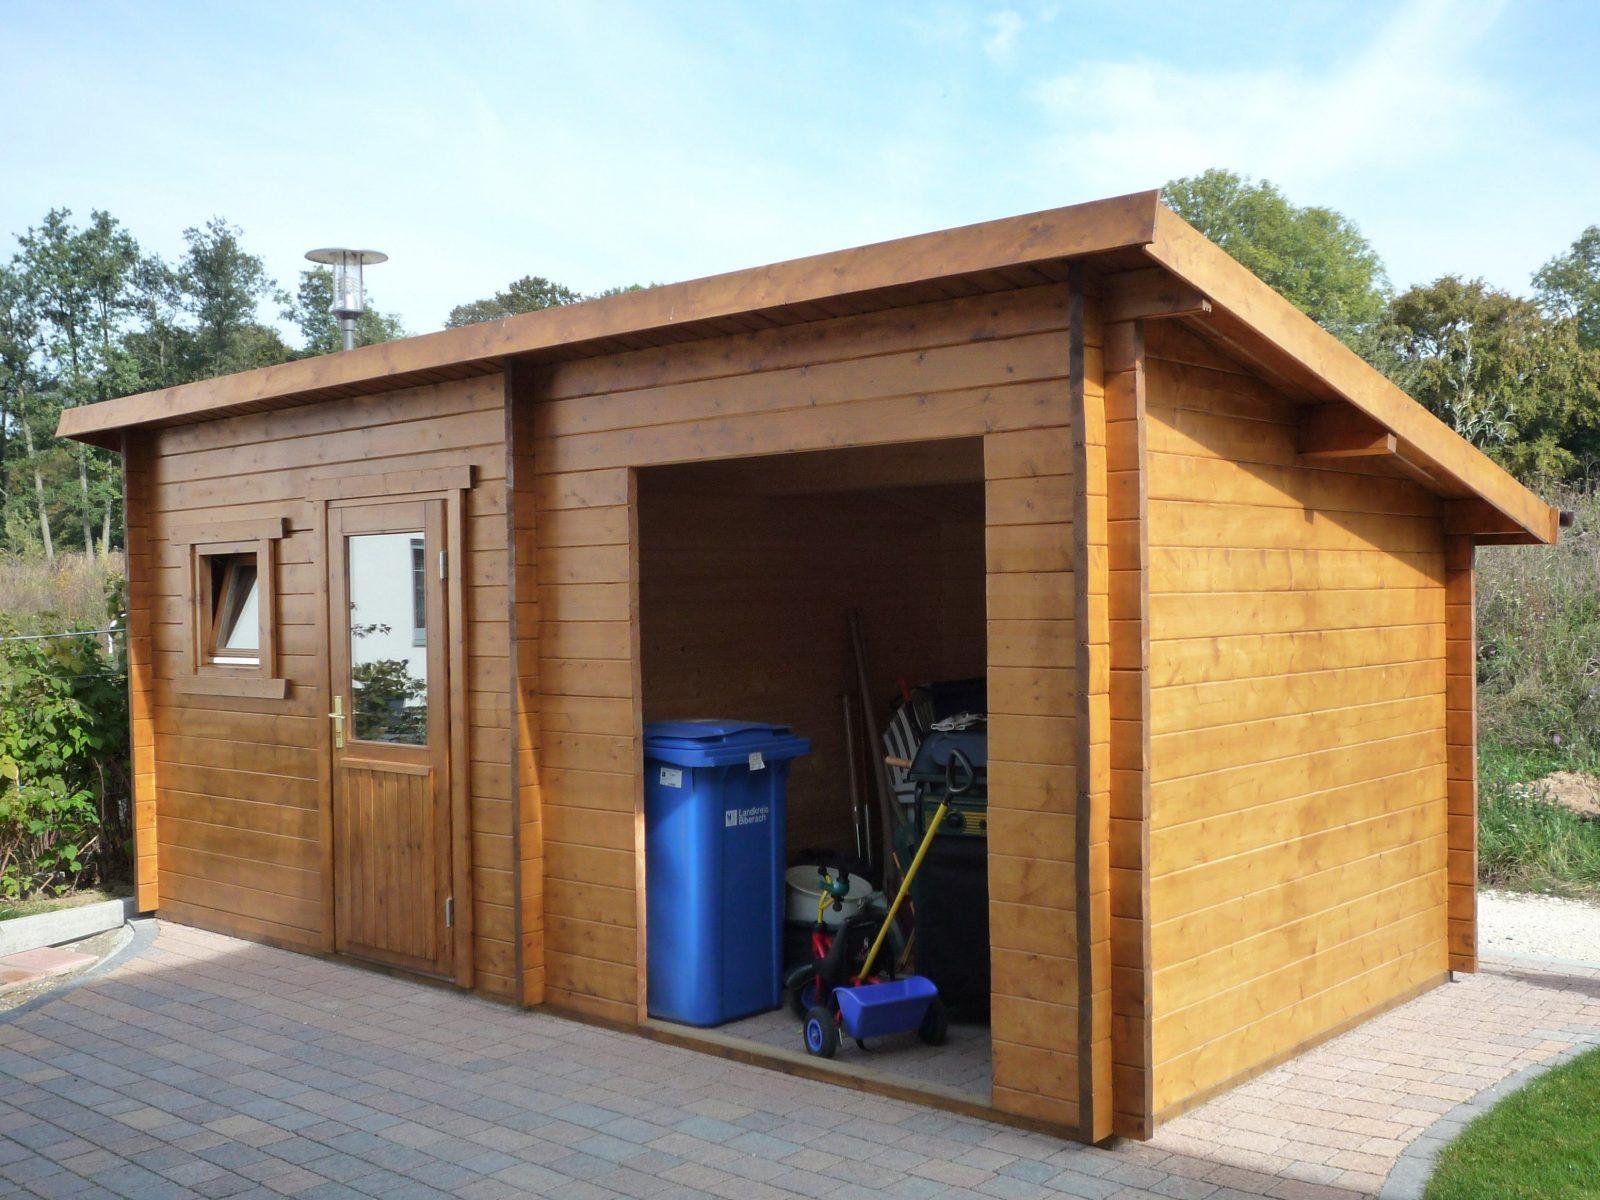 Gartenhaus mit pultdach selber bauen gartenhaus ger tehaus Gartenhaus modern selber bauen